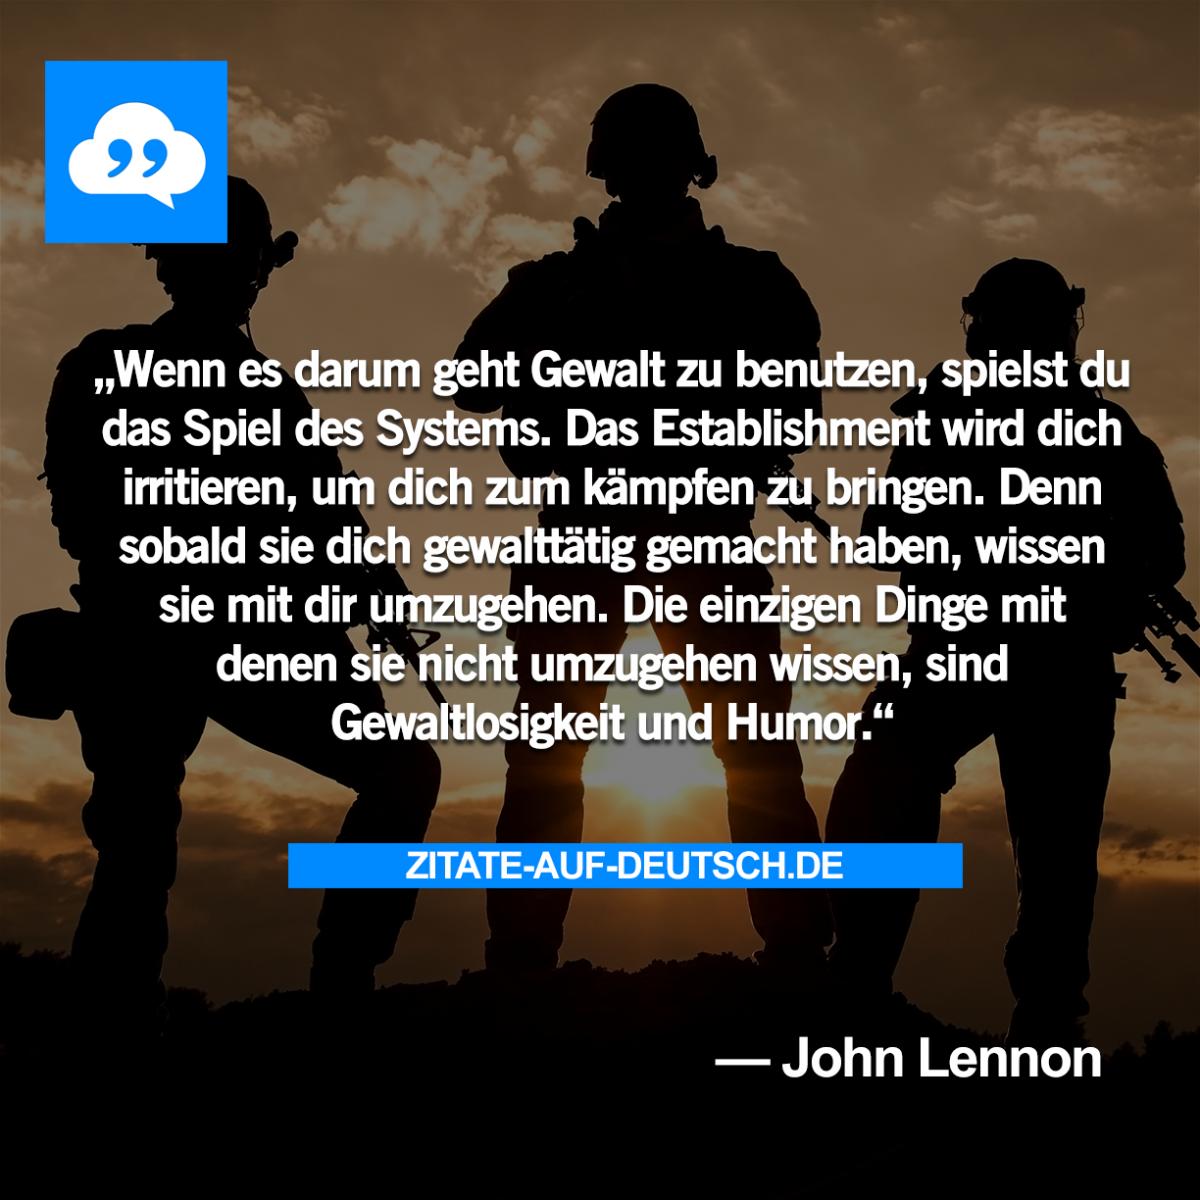 Establishment, #Gewalt, #Gewaltlosigkeit, #Humor, #Spiel, #System